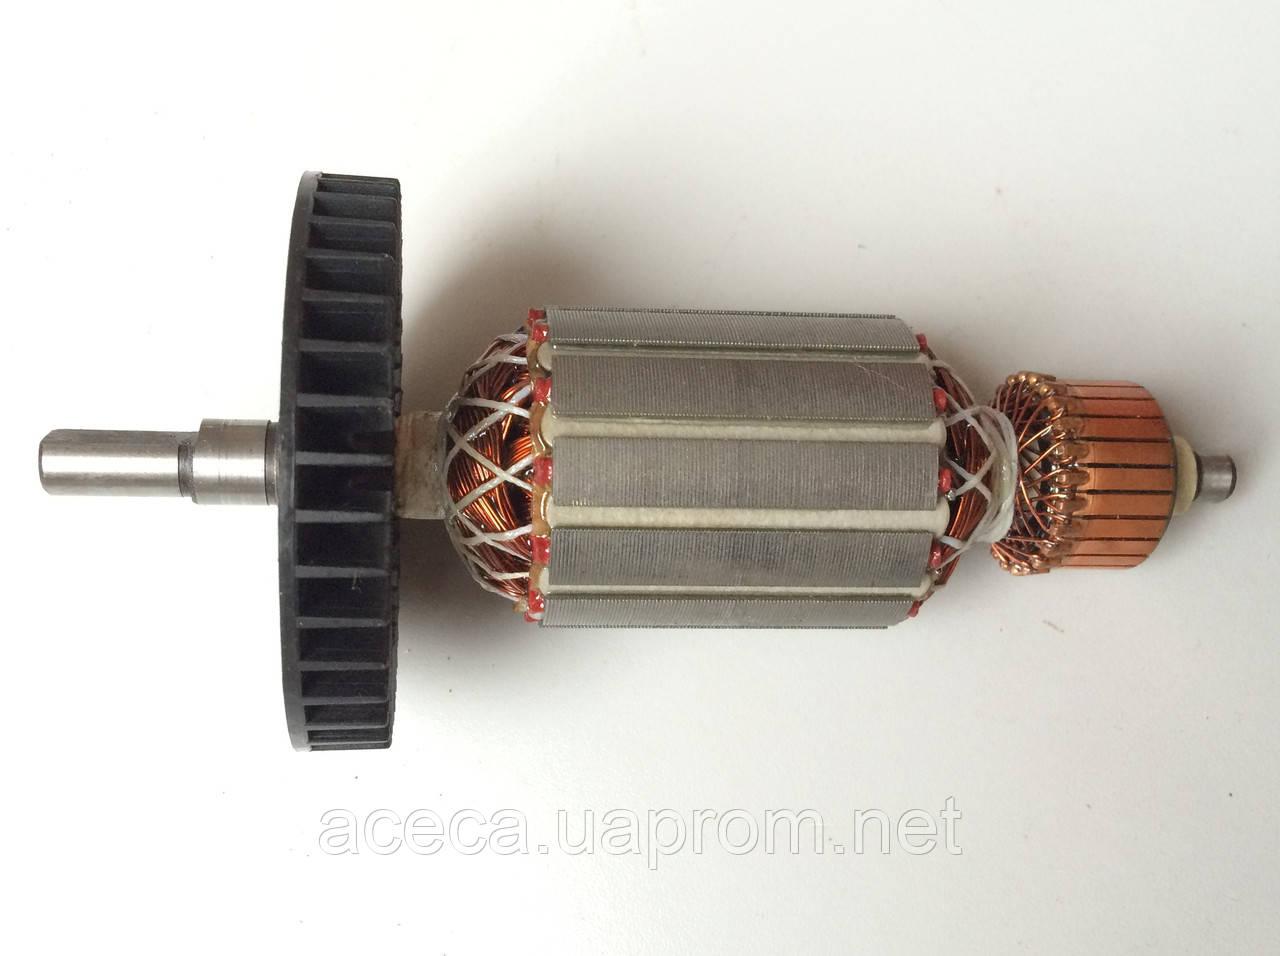 Якорь (ротор) цепной пилы Интерскол ПЦ 16 ( 170*45.5/ усеченный вал )